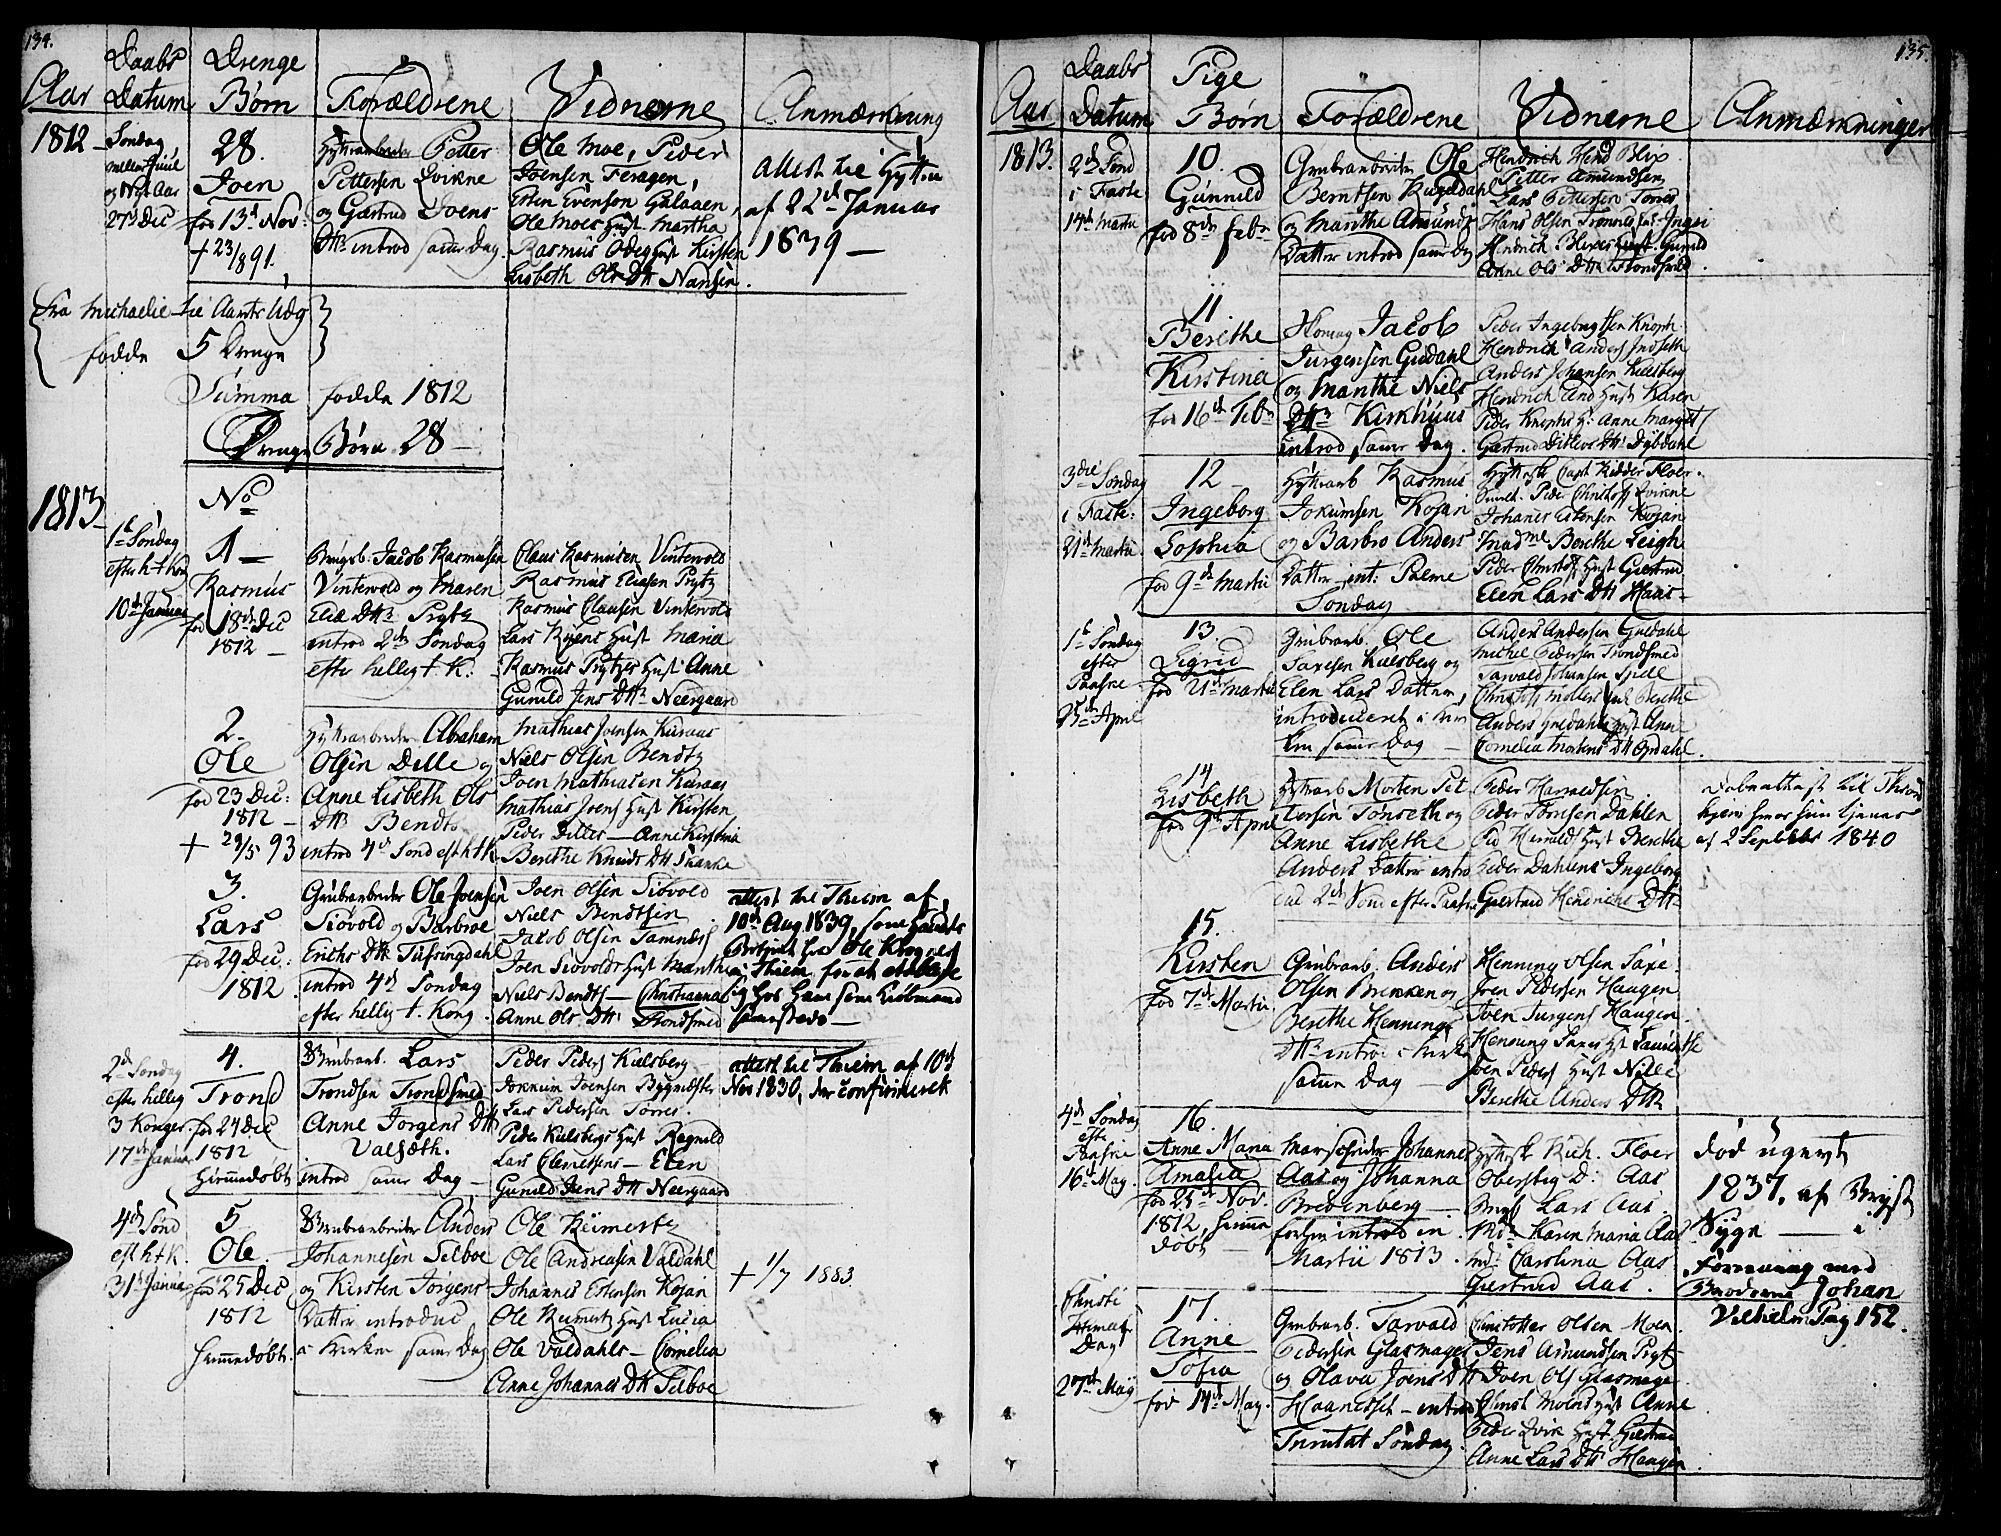 SAT, Ministerialprotokoller, klokkerbøker og fødselsregistre - Sør-Trøndelag, 681/L0928: Ministerialbok nr. 681A06, 1806-1816, s. 134-135